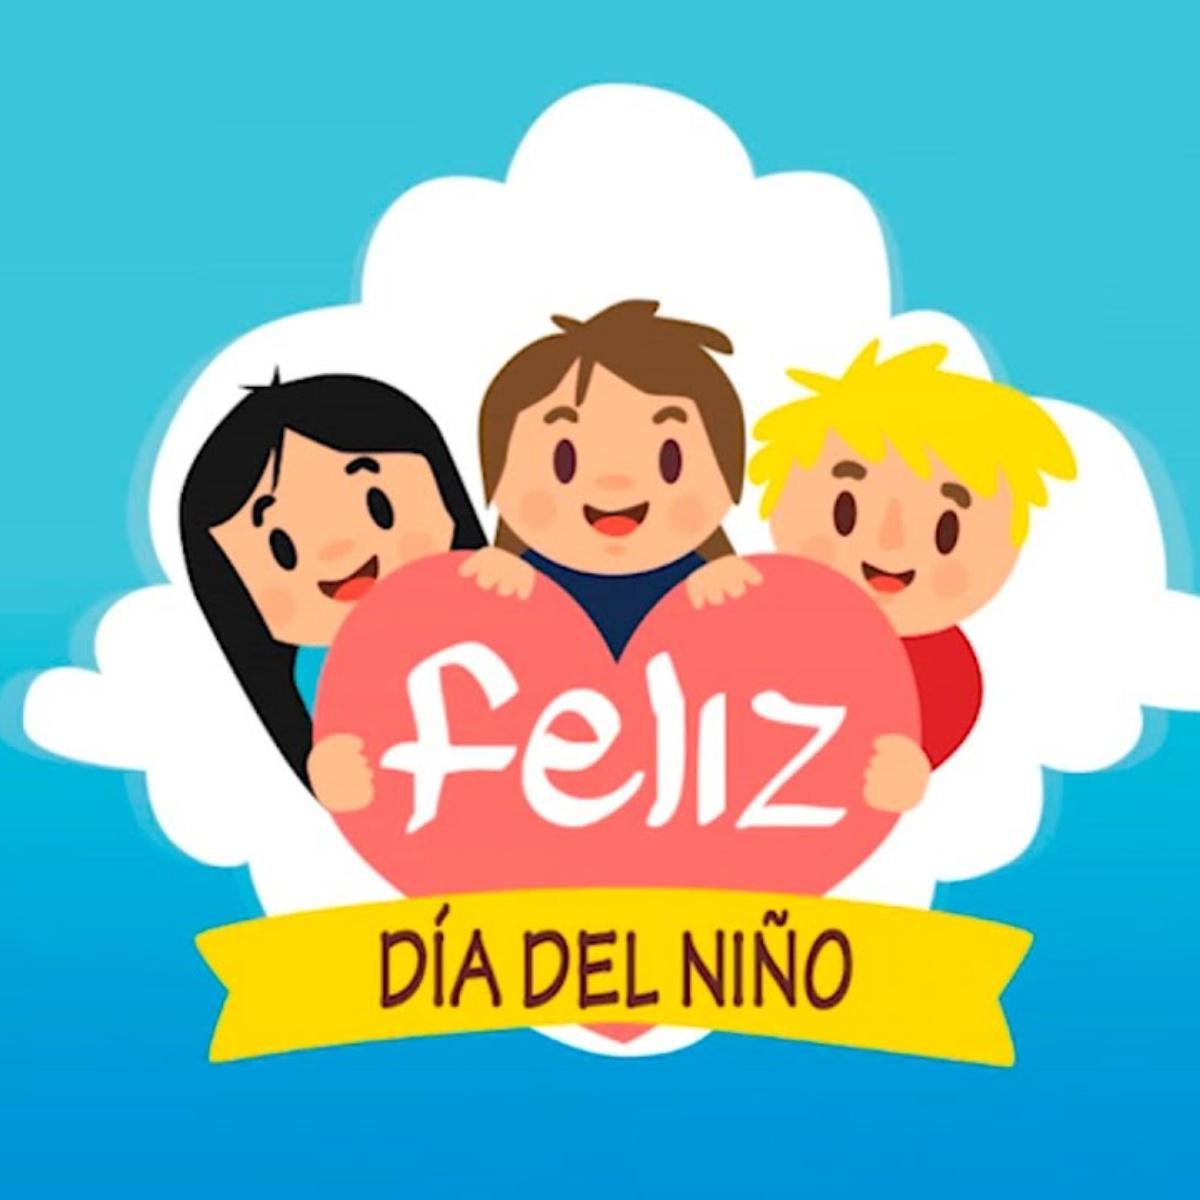 feliz_dia_del_nino_-jpeg_1396140182